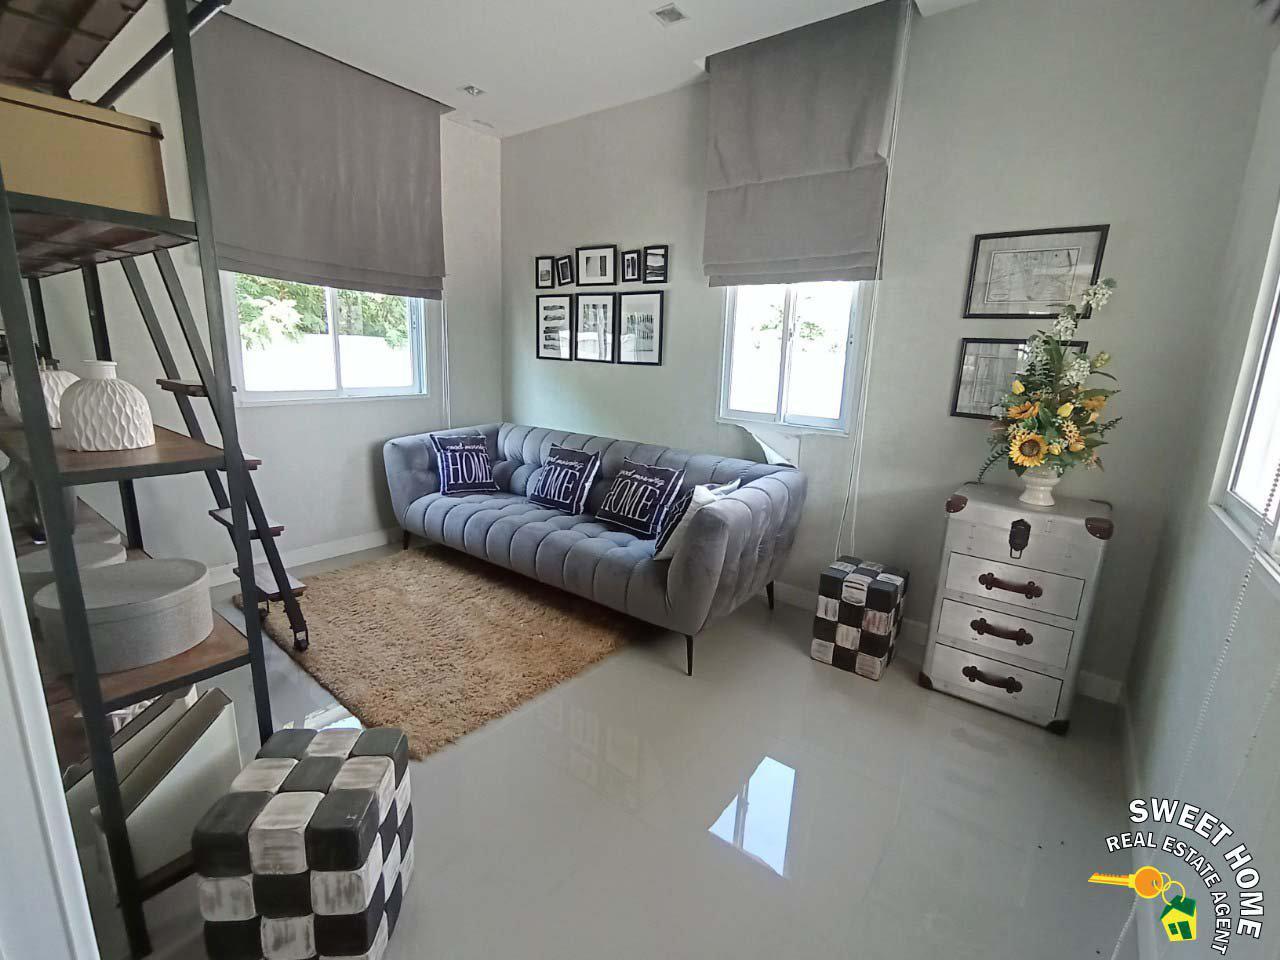 ขายบ้านเดี่ยว 2 ชั้น ลลิล กรีนวิลล์ (พระราม2-เอกชัย) รูปที่ 2